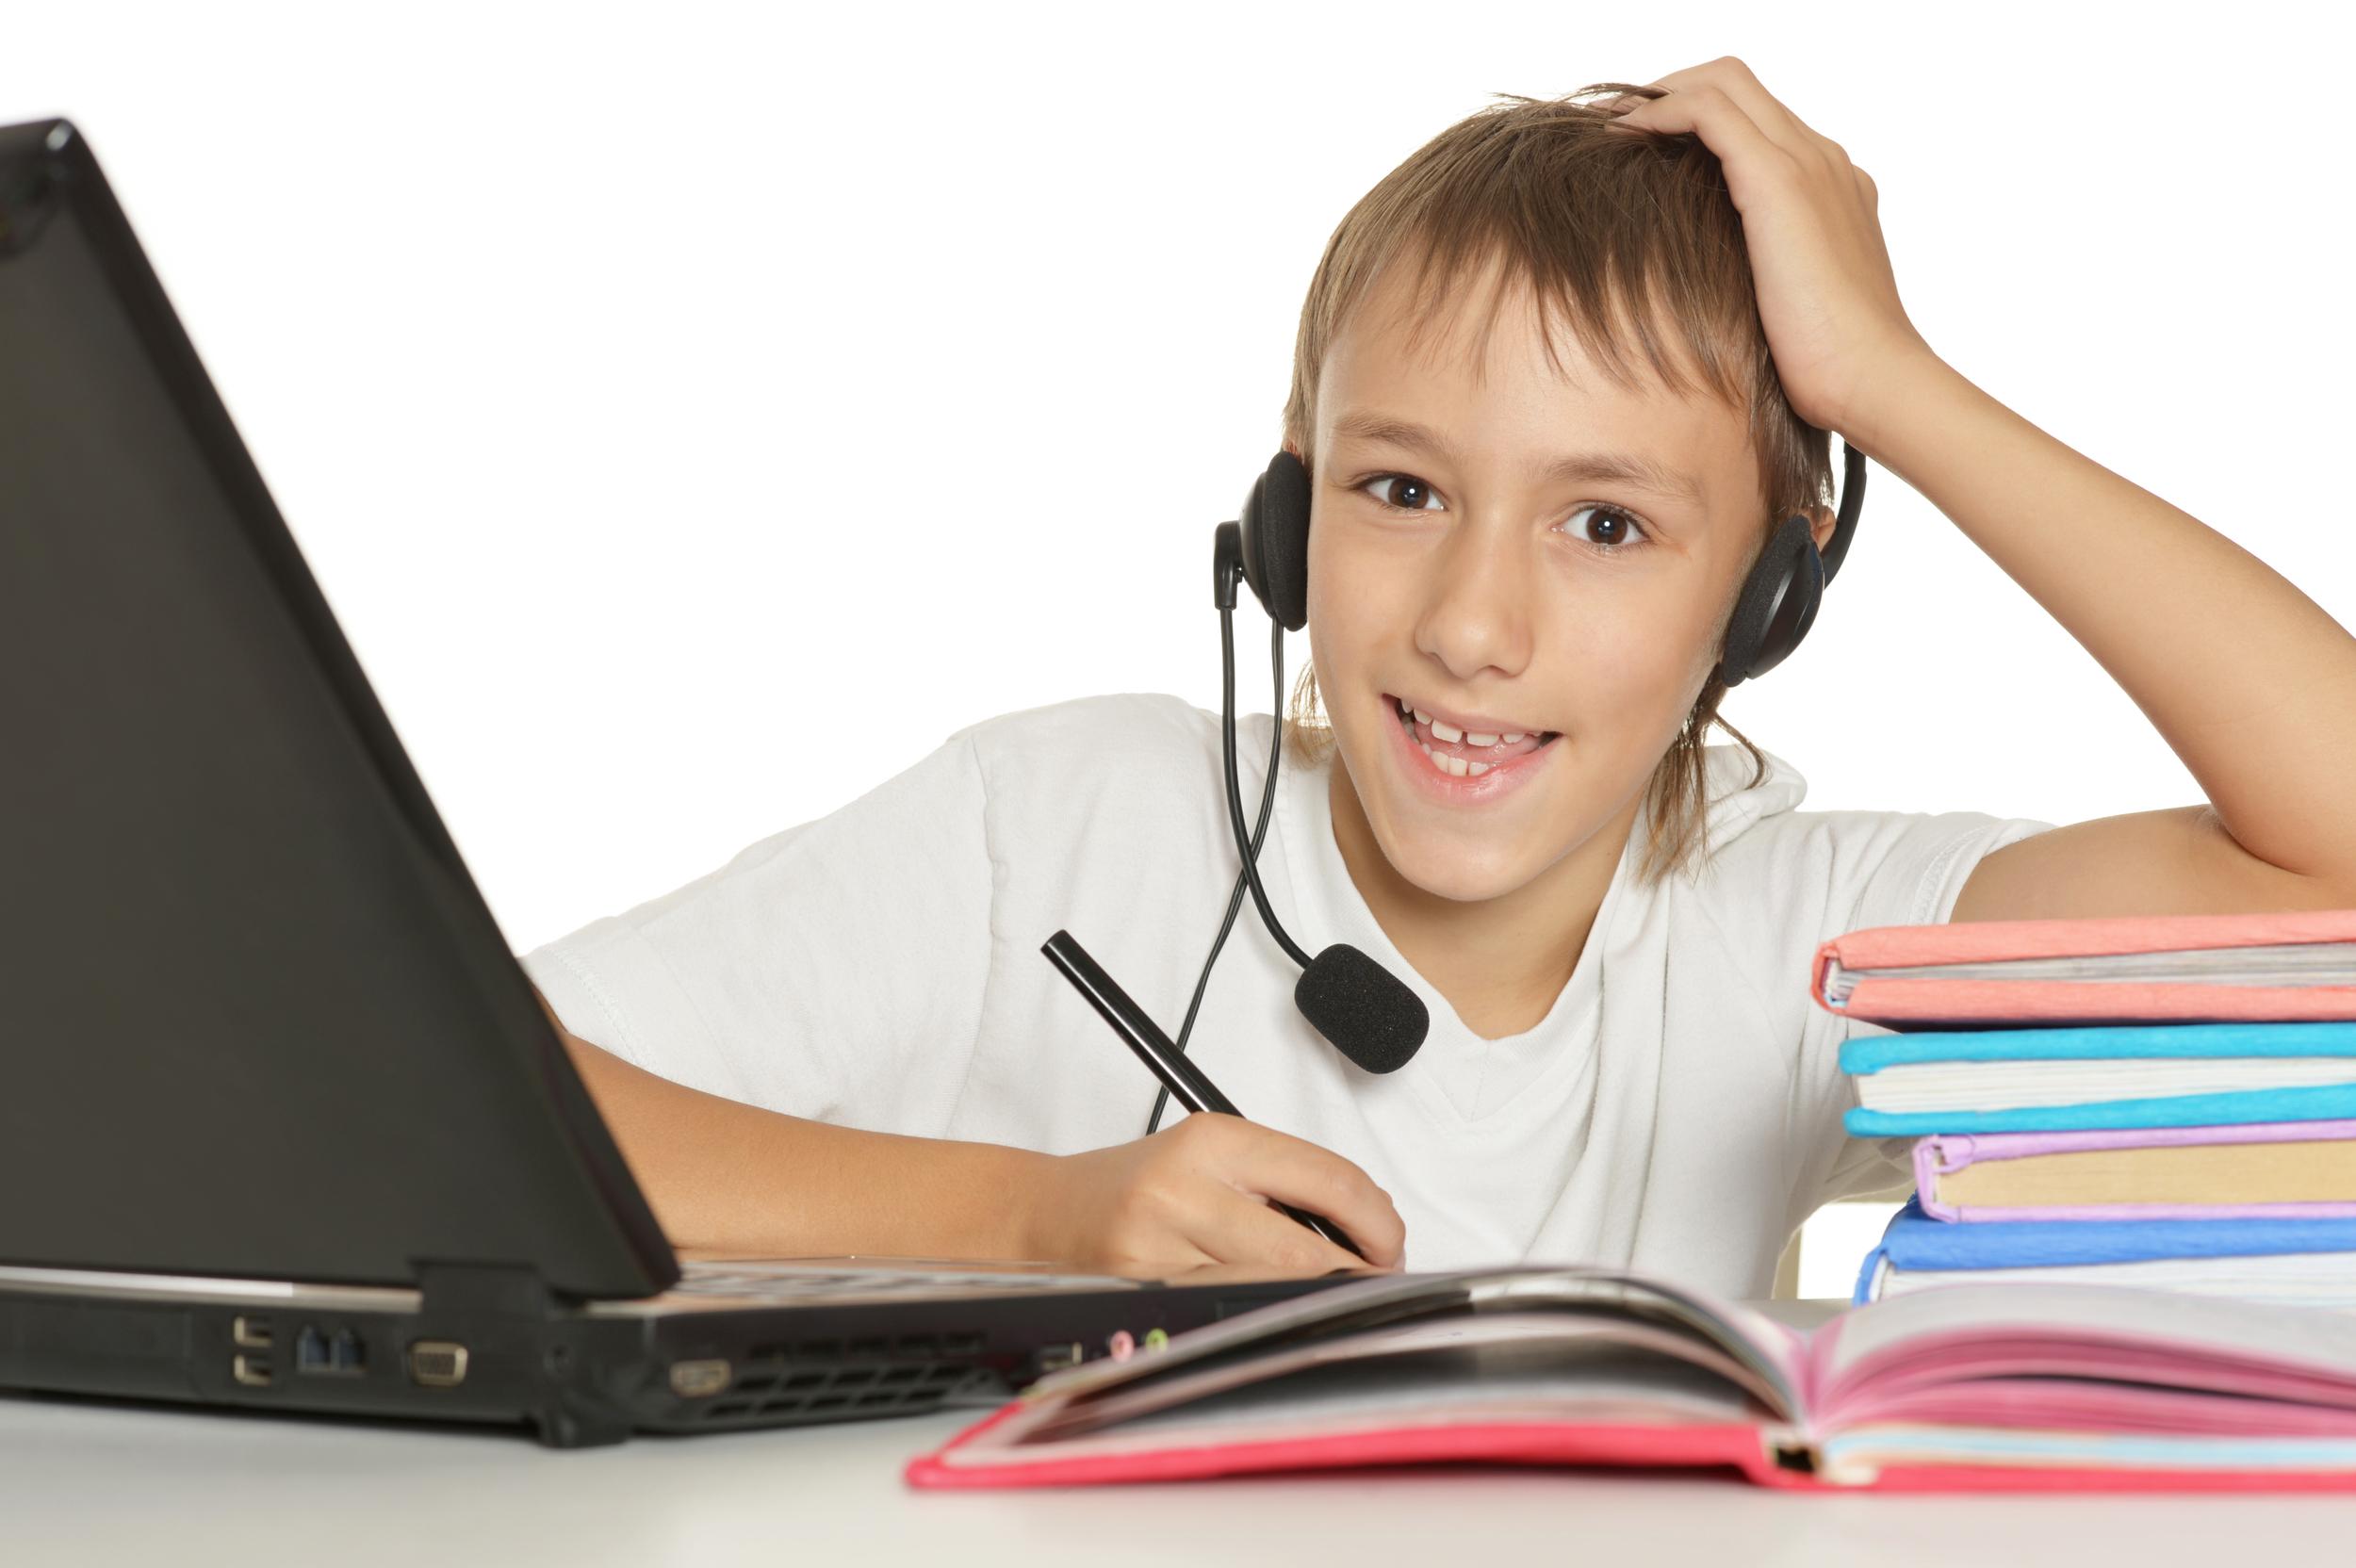 Com si tinguessis el professor a casa, ens connectem i fem la classe on line.    Sense problemes de distància, siguis prop d'Octàgon o molt lluny!    Demana'ns informmació